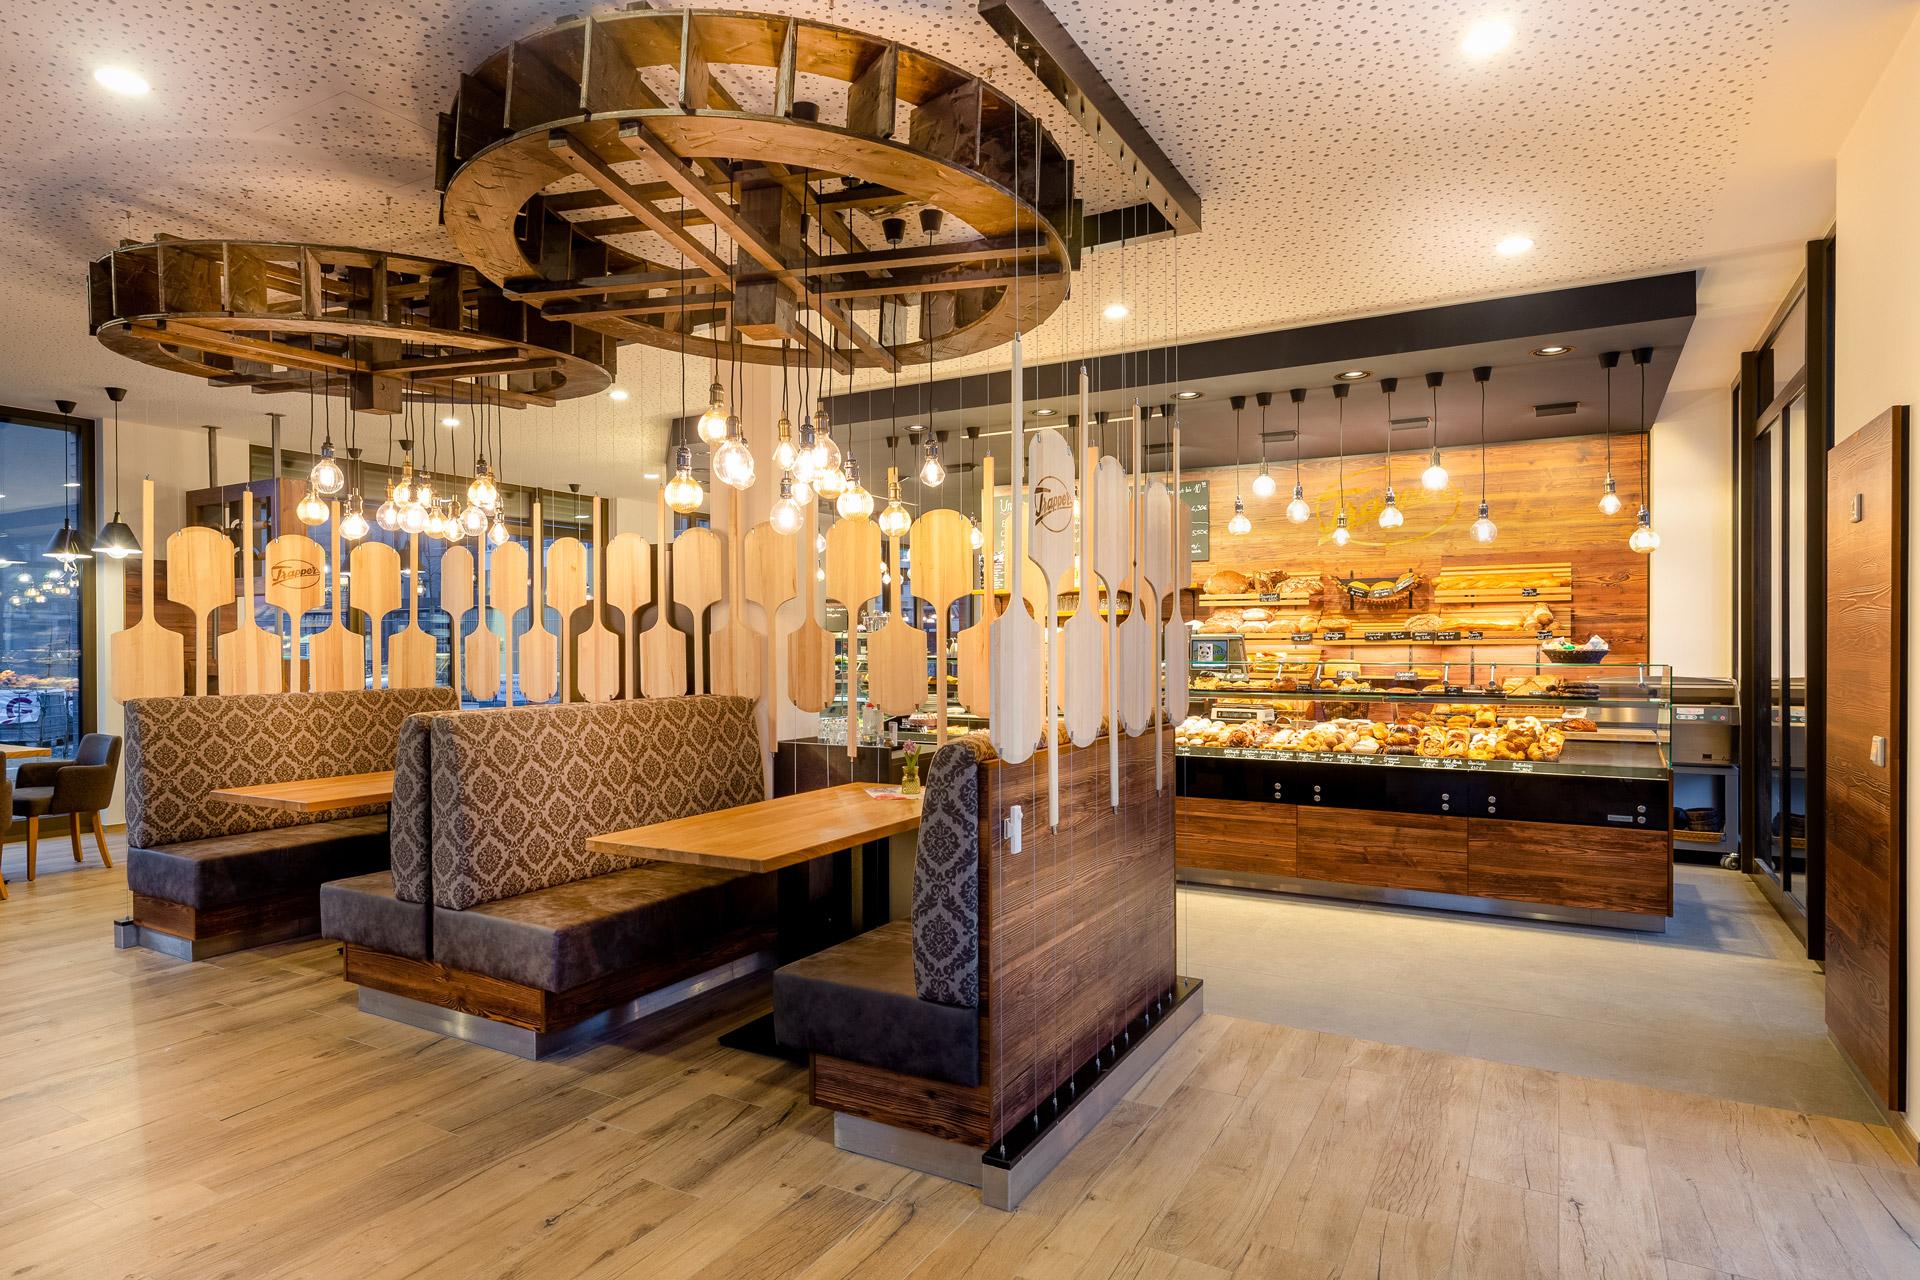 Cafe und Bäckerei Ausstattung mit Altholz